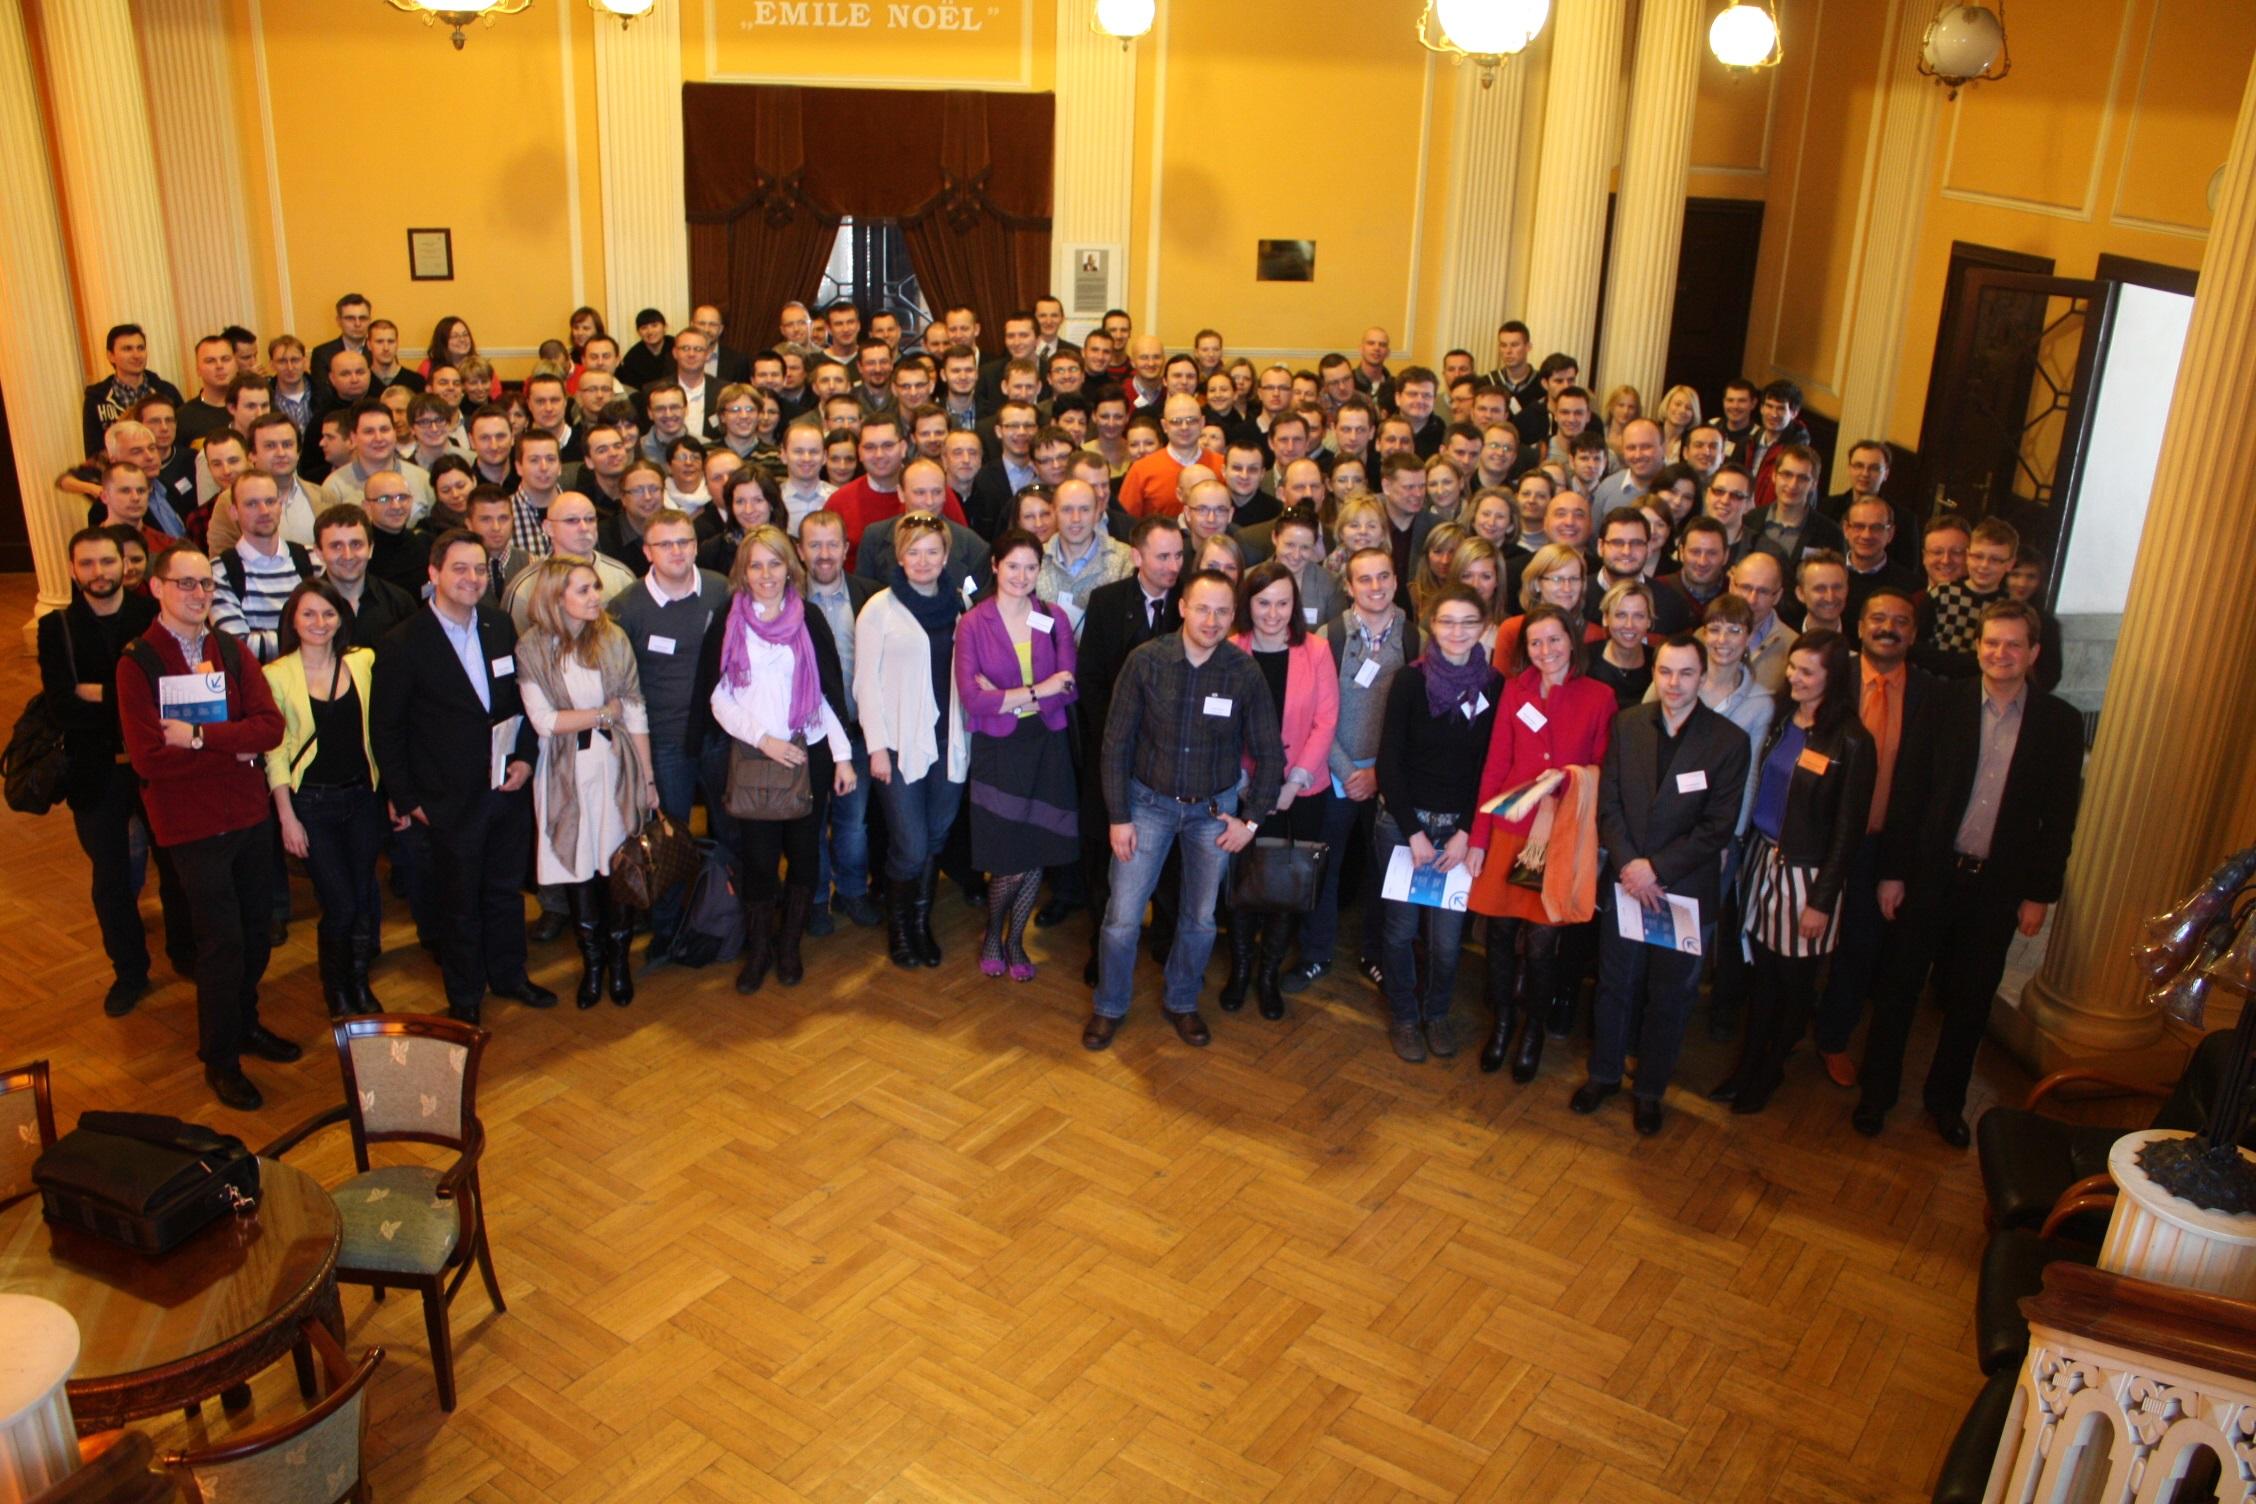 Zdjęcie grupowe jest stałym punktem każdego Kongresu